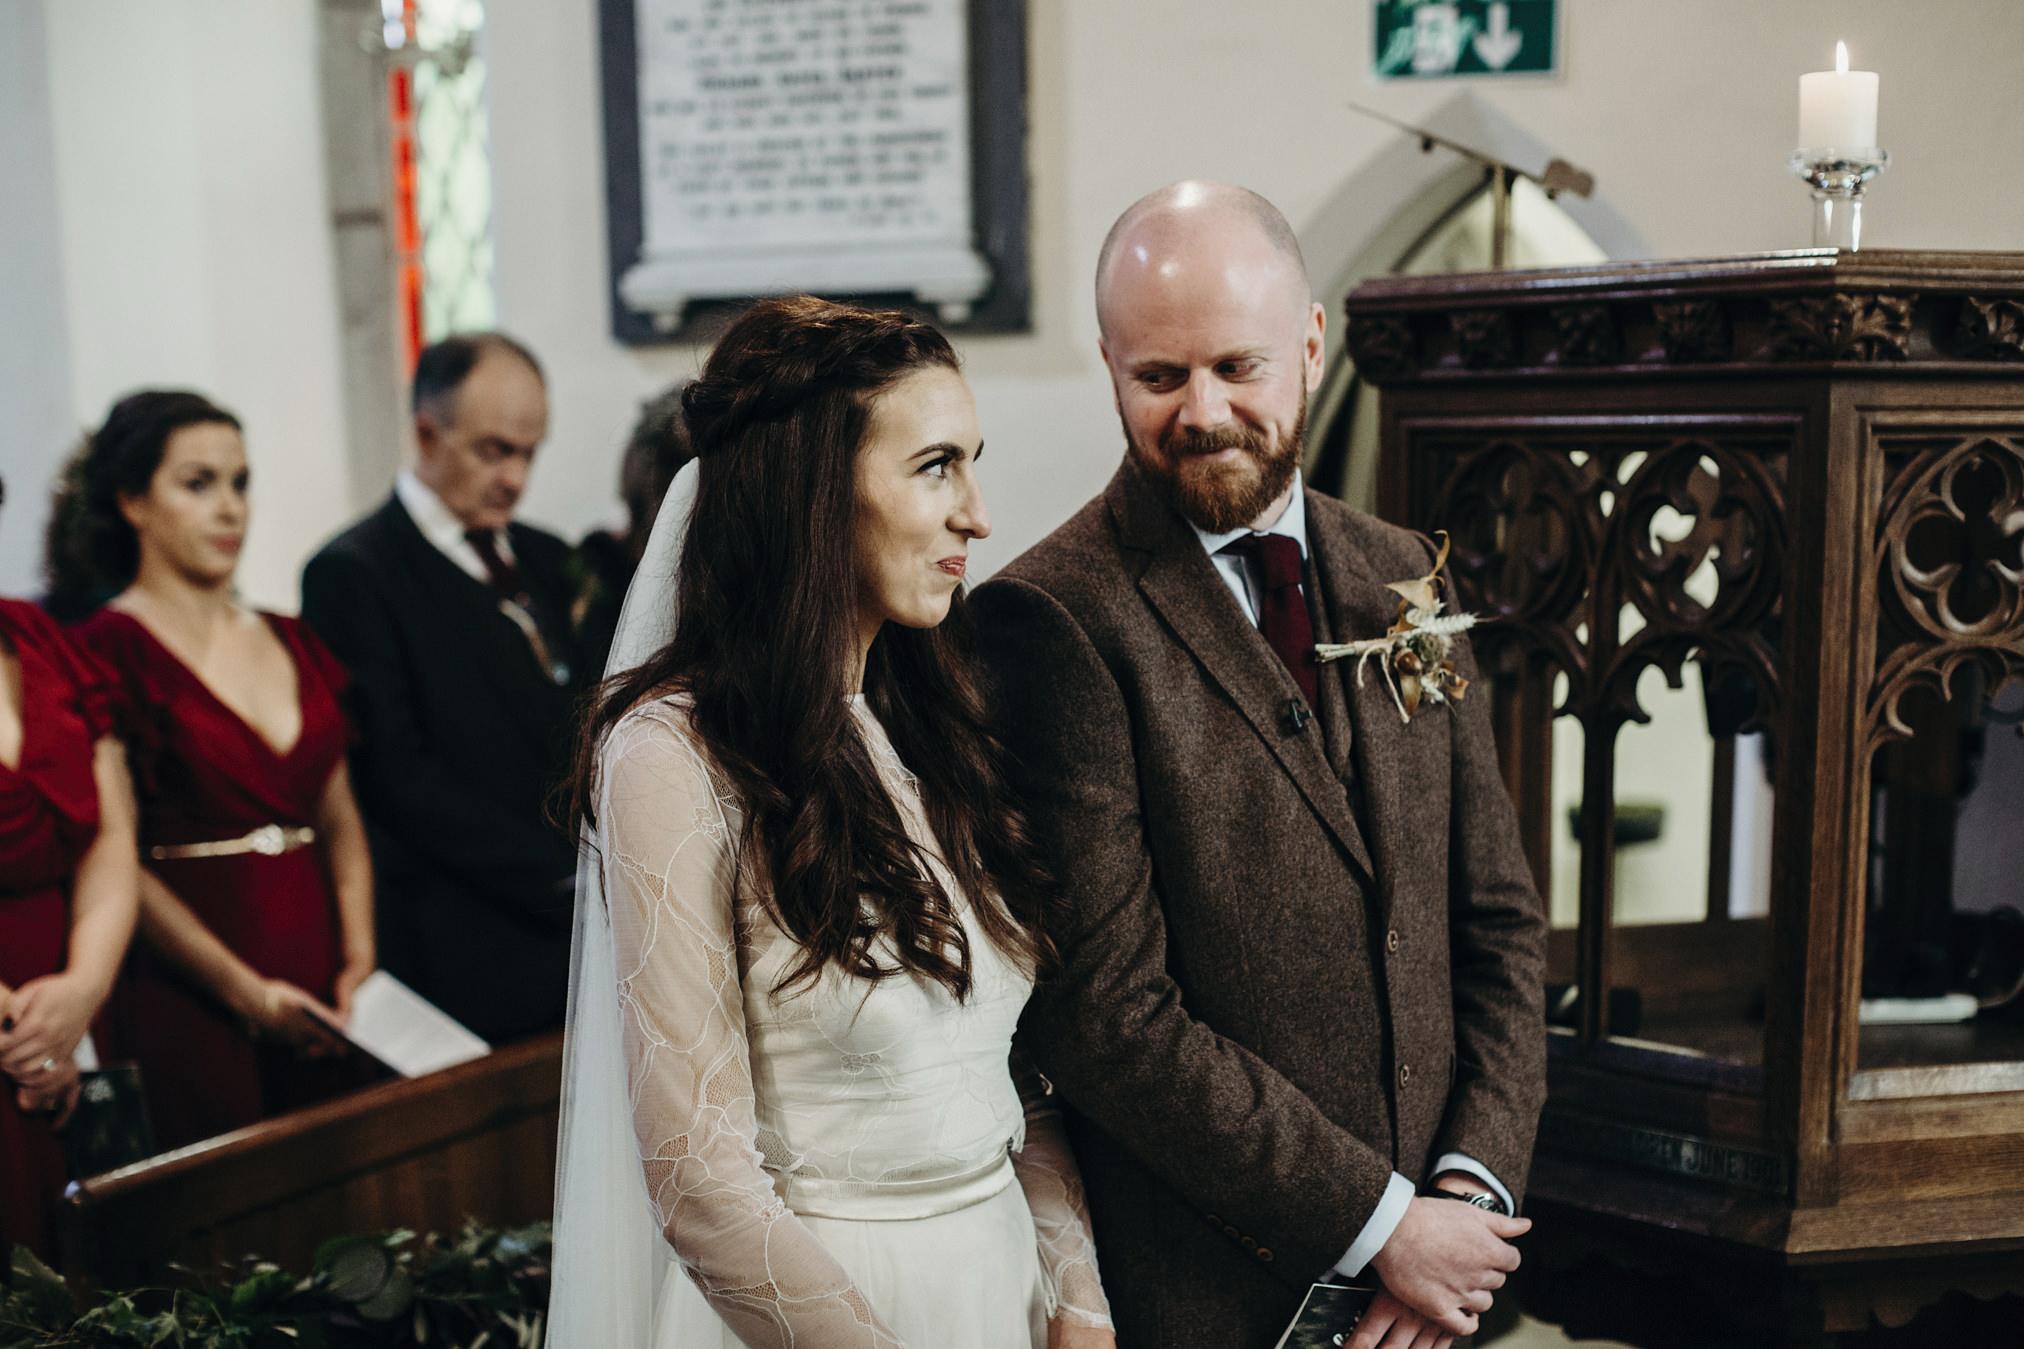 wedding photographer irelandGraciela Vilagudin Photography541.jpg